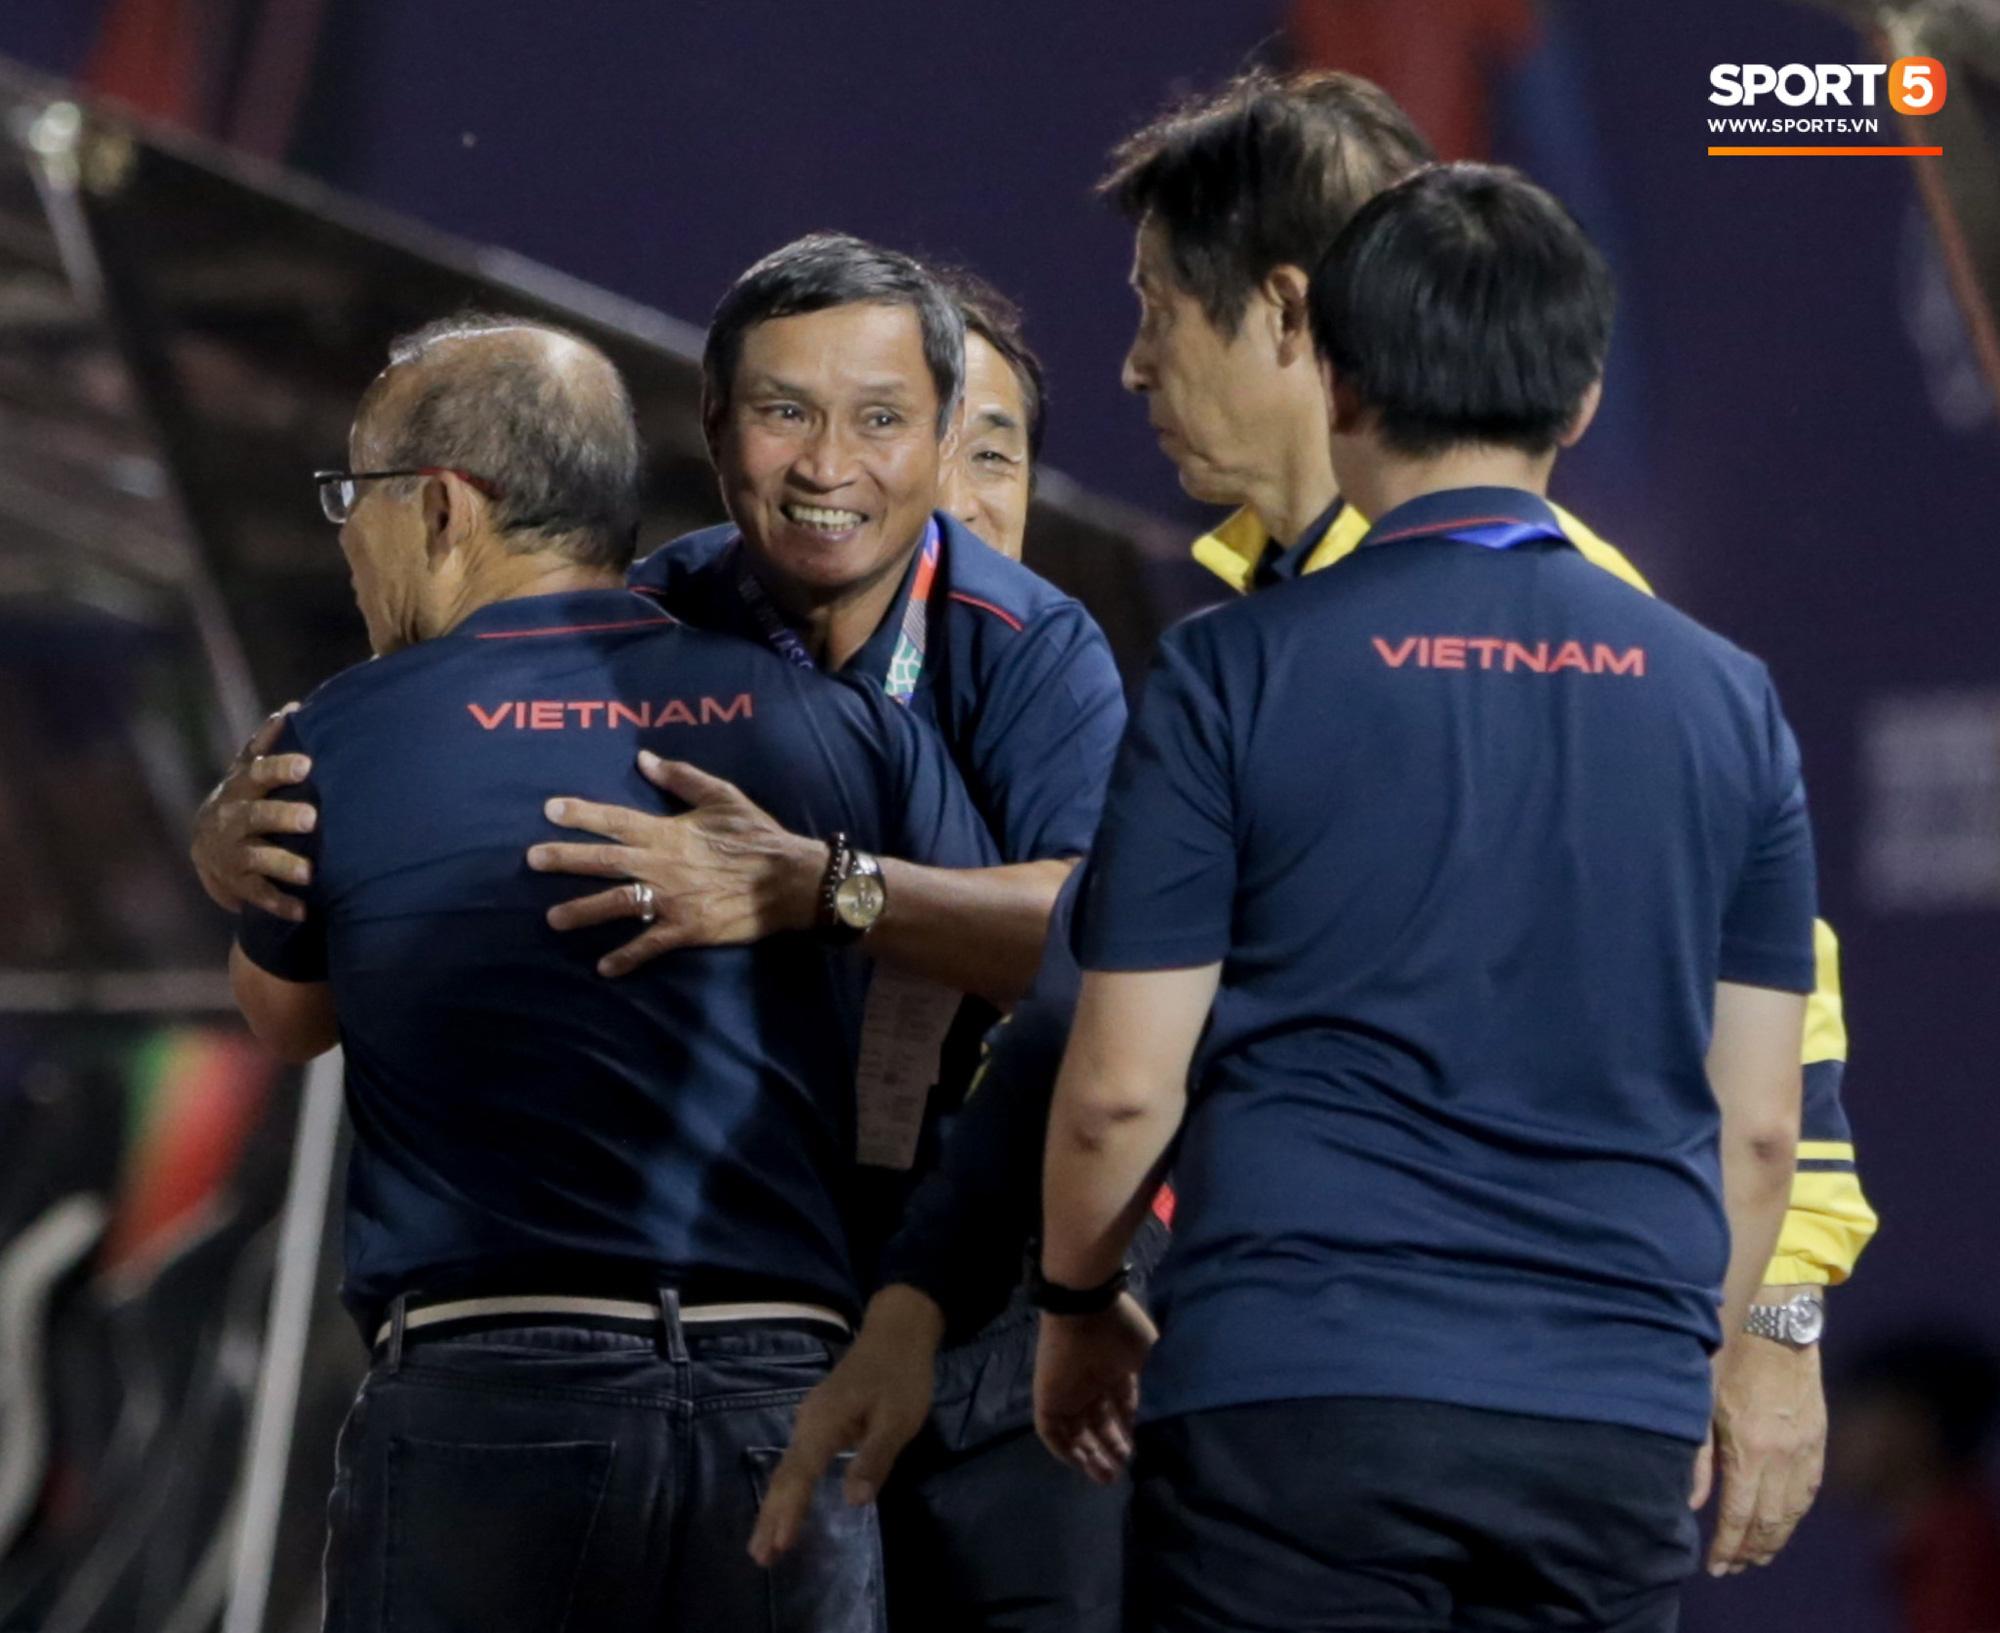 HLV U22 Thái Lan chủ động sang bắt tay thầy Park, hẹn phân thắng bại ở trận tiếp theo sau 3 lần toàn hoà - Ảnh 6.